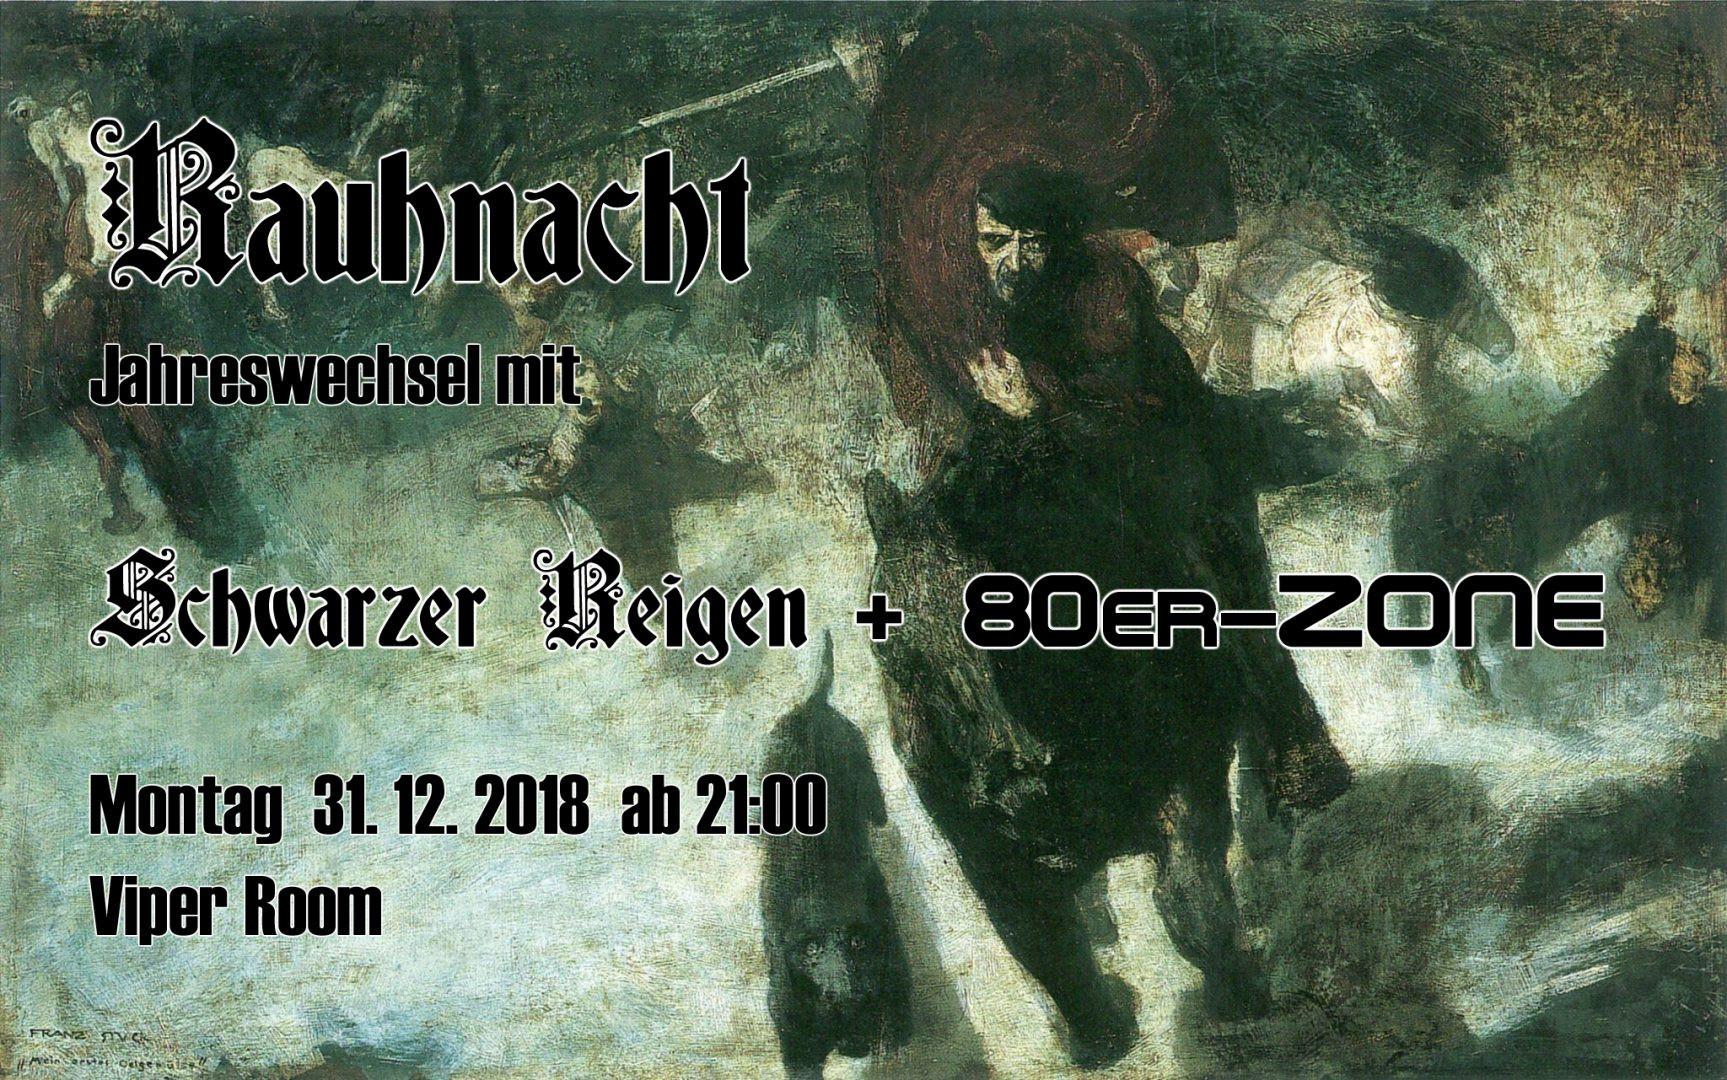 Rauhnacht - Jahreswechsel mit Schwarzer Reigen & 80er-Zone am 31. December 2018 @ Viper Room.